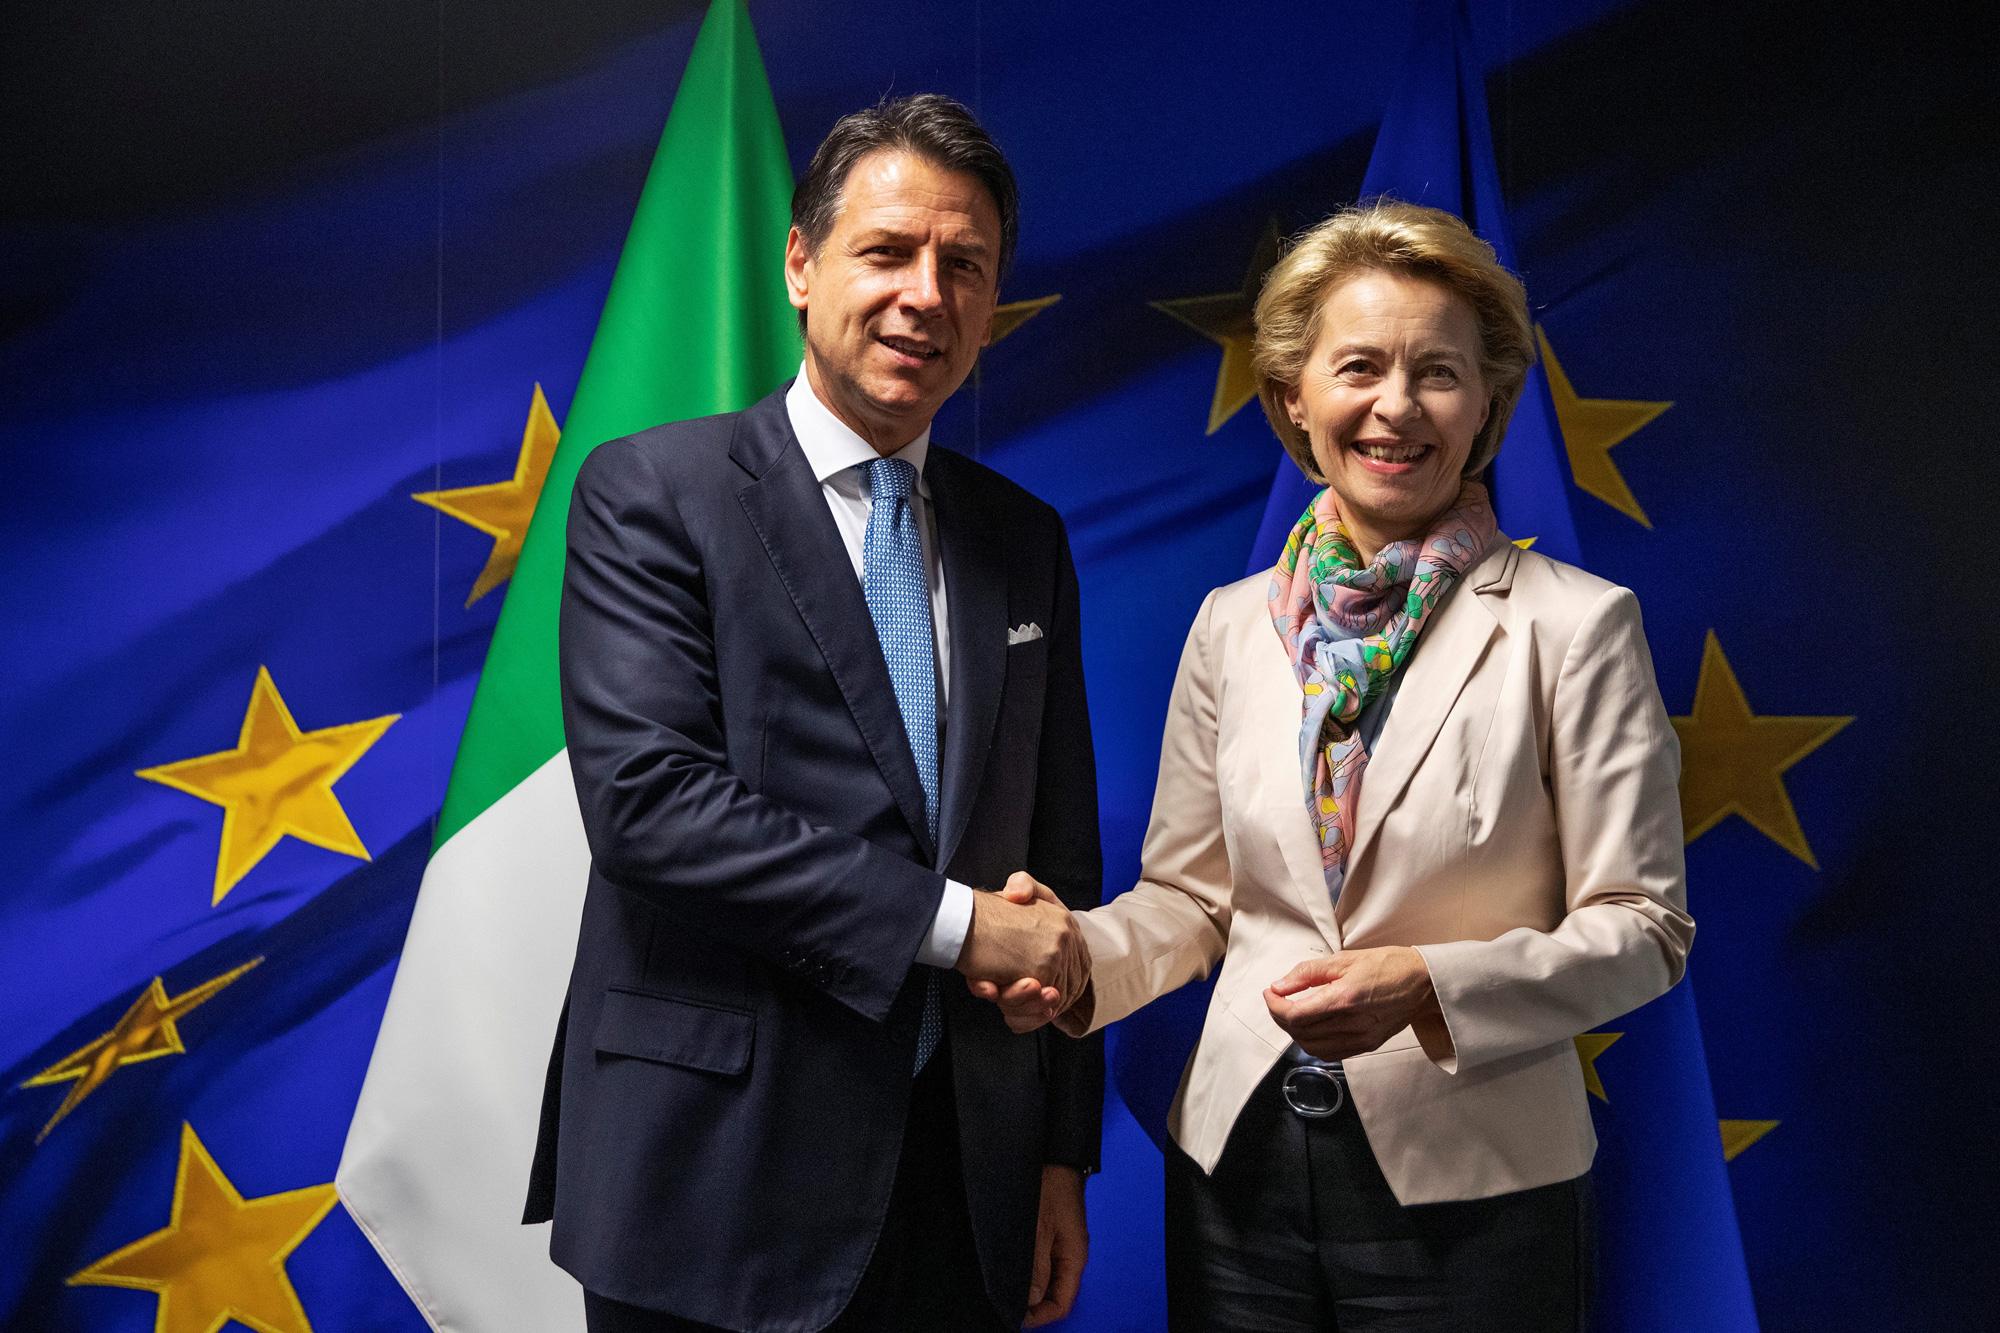 Giuseppe Conte i Ursula von der Leyen